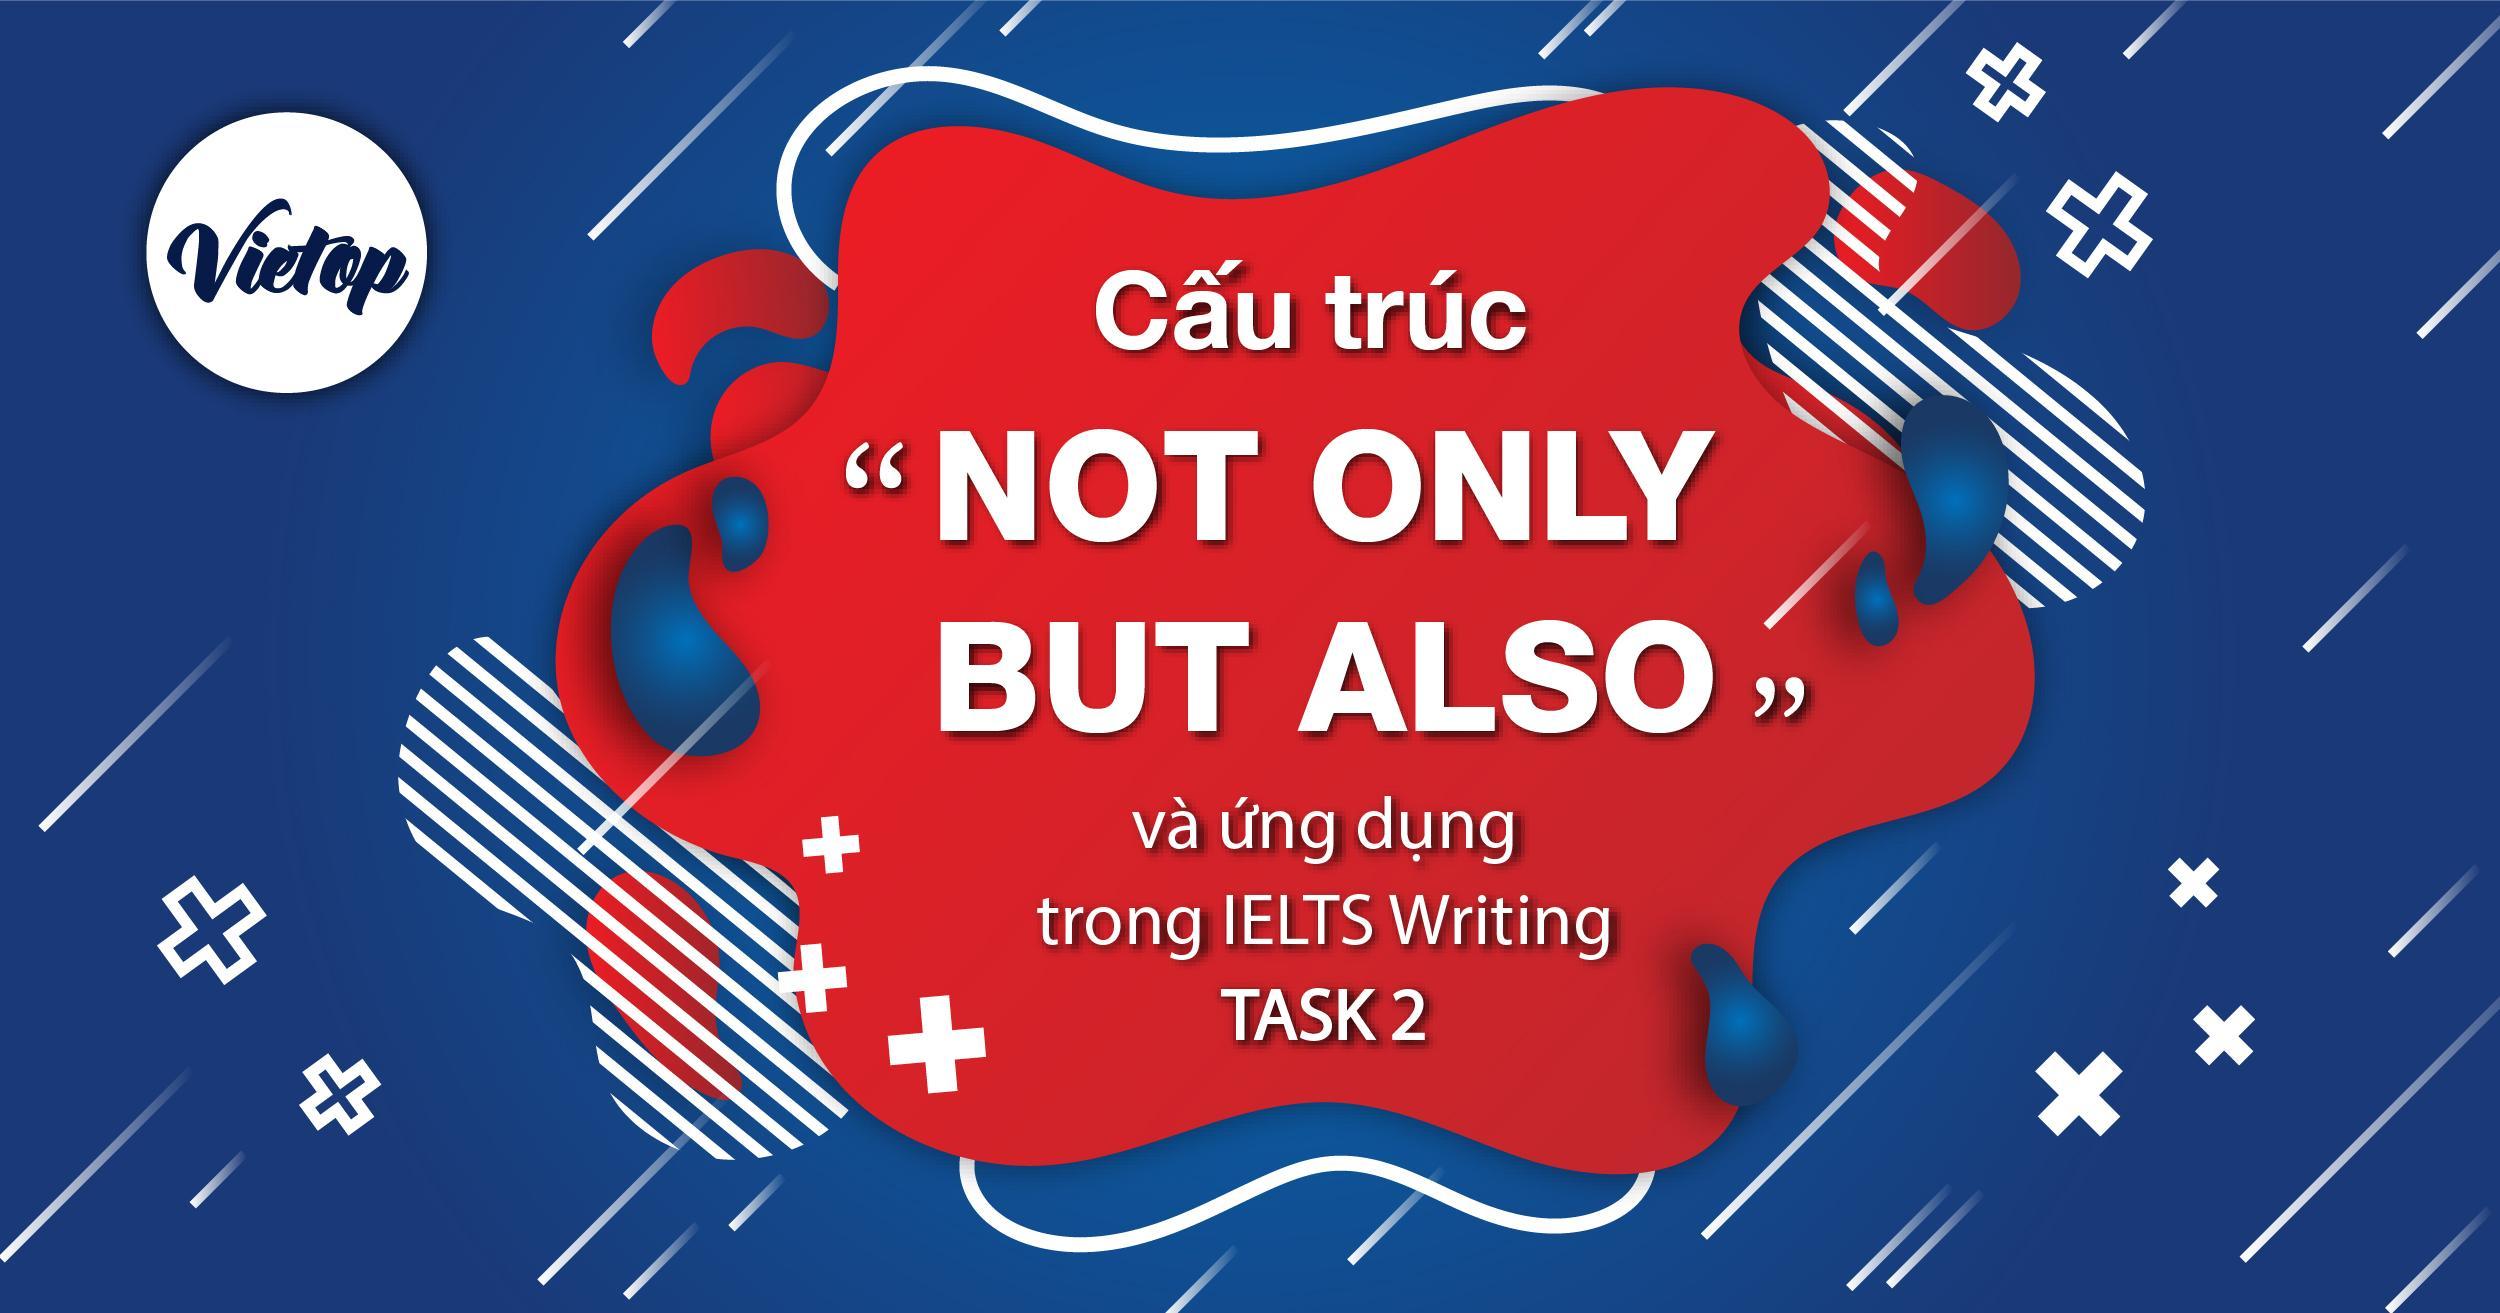 """Cấu trúc """"NOT ONLY - BUT ALSO"""" và ứng dụng trong IELTS Writing task 2"""